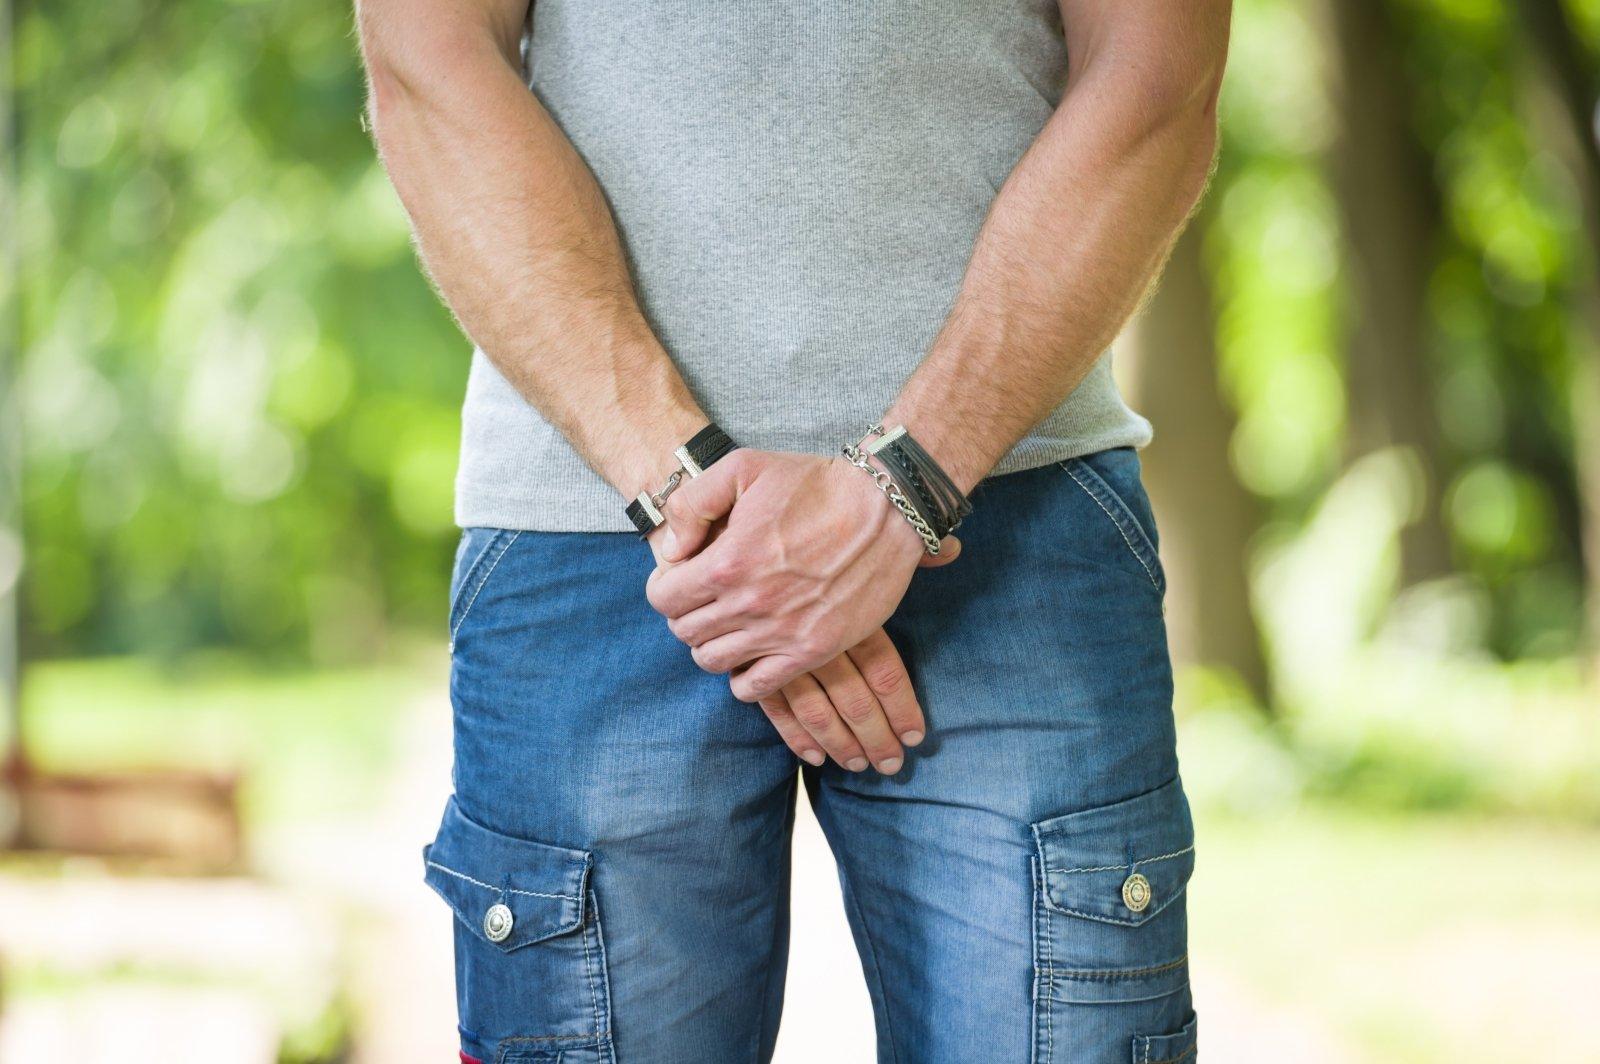 nuo ko vyras neturi erekcijos lytiniu organu nariu dydis sunims